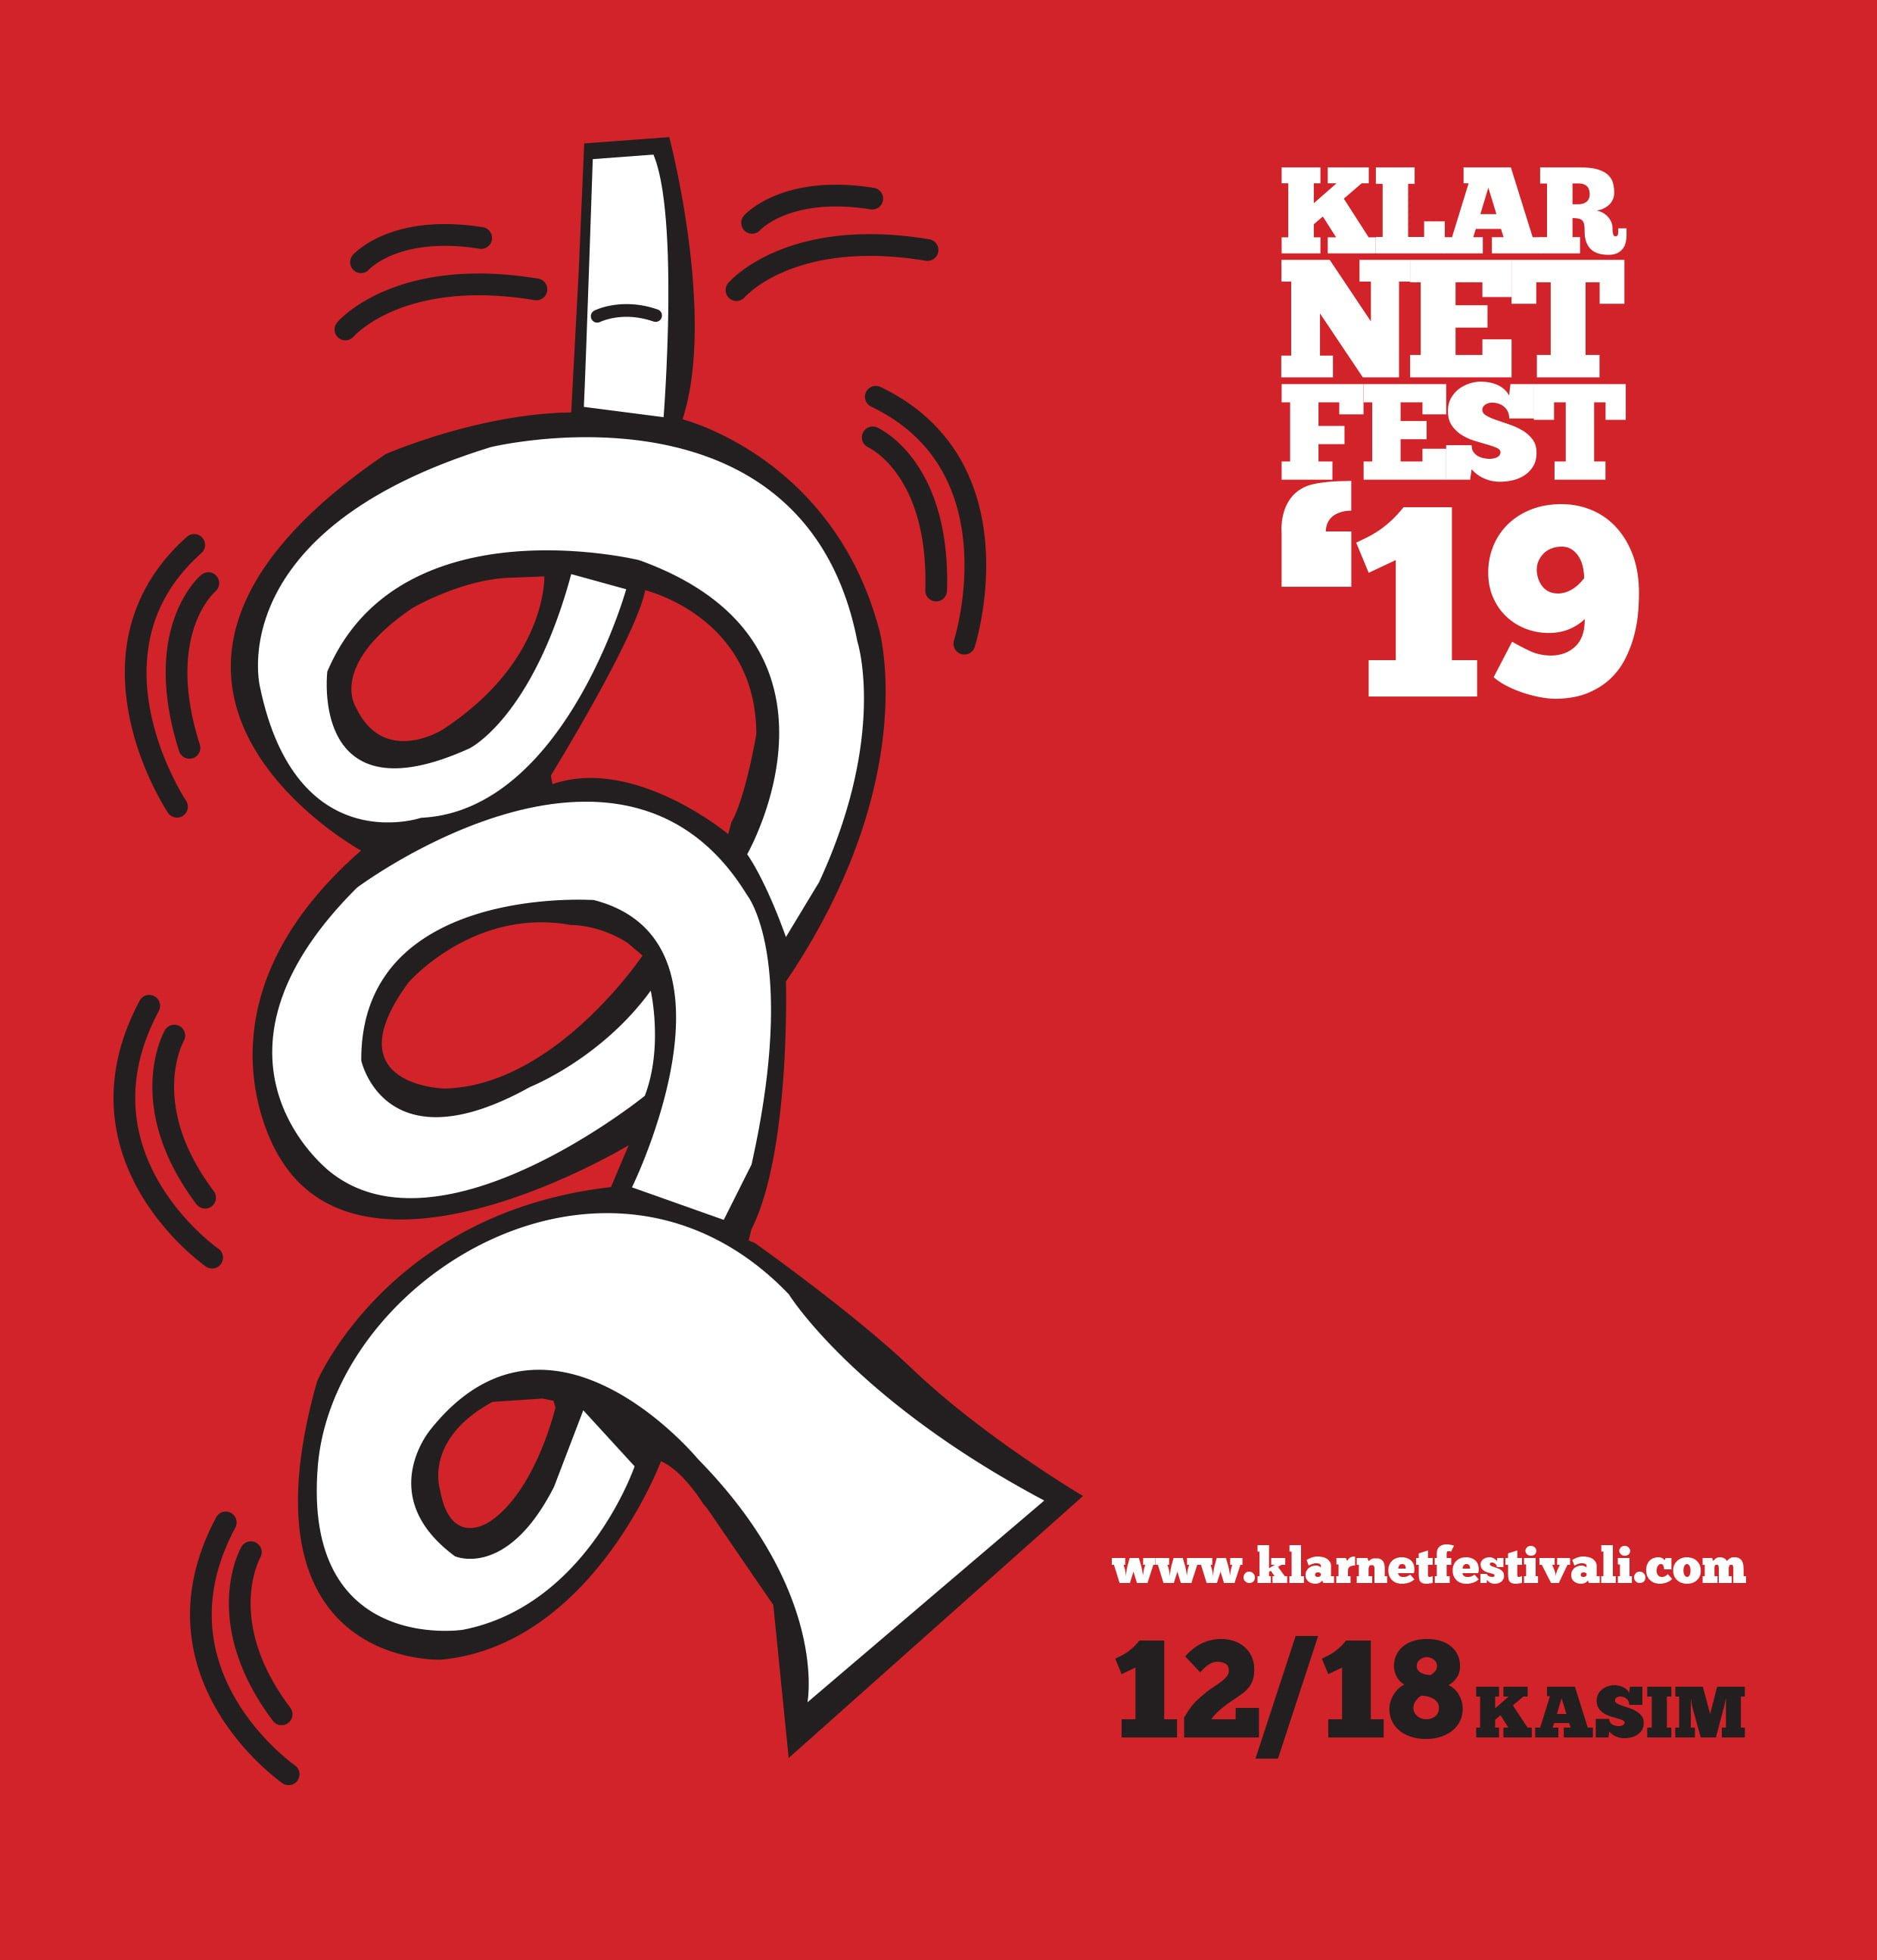 8. Uluslararası Klarnet Festivali başlıyor